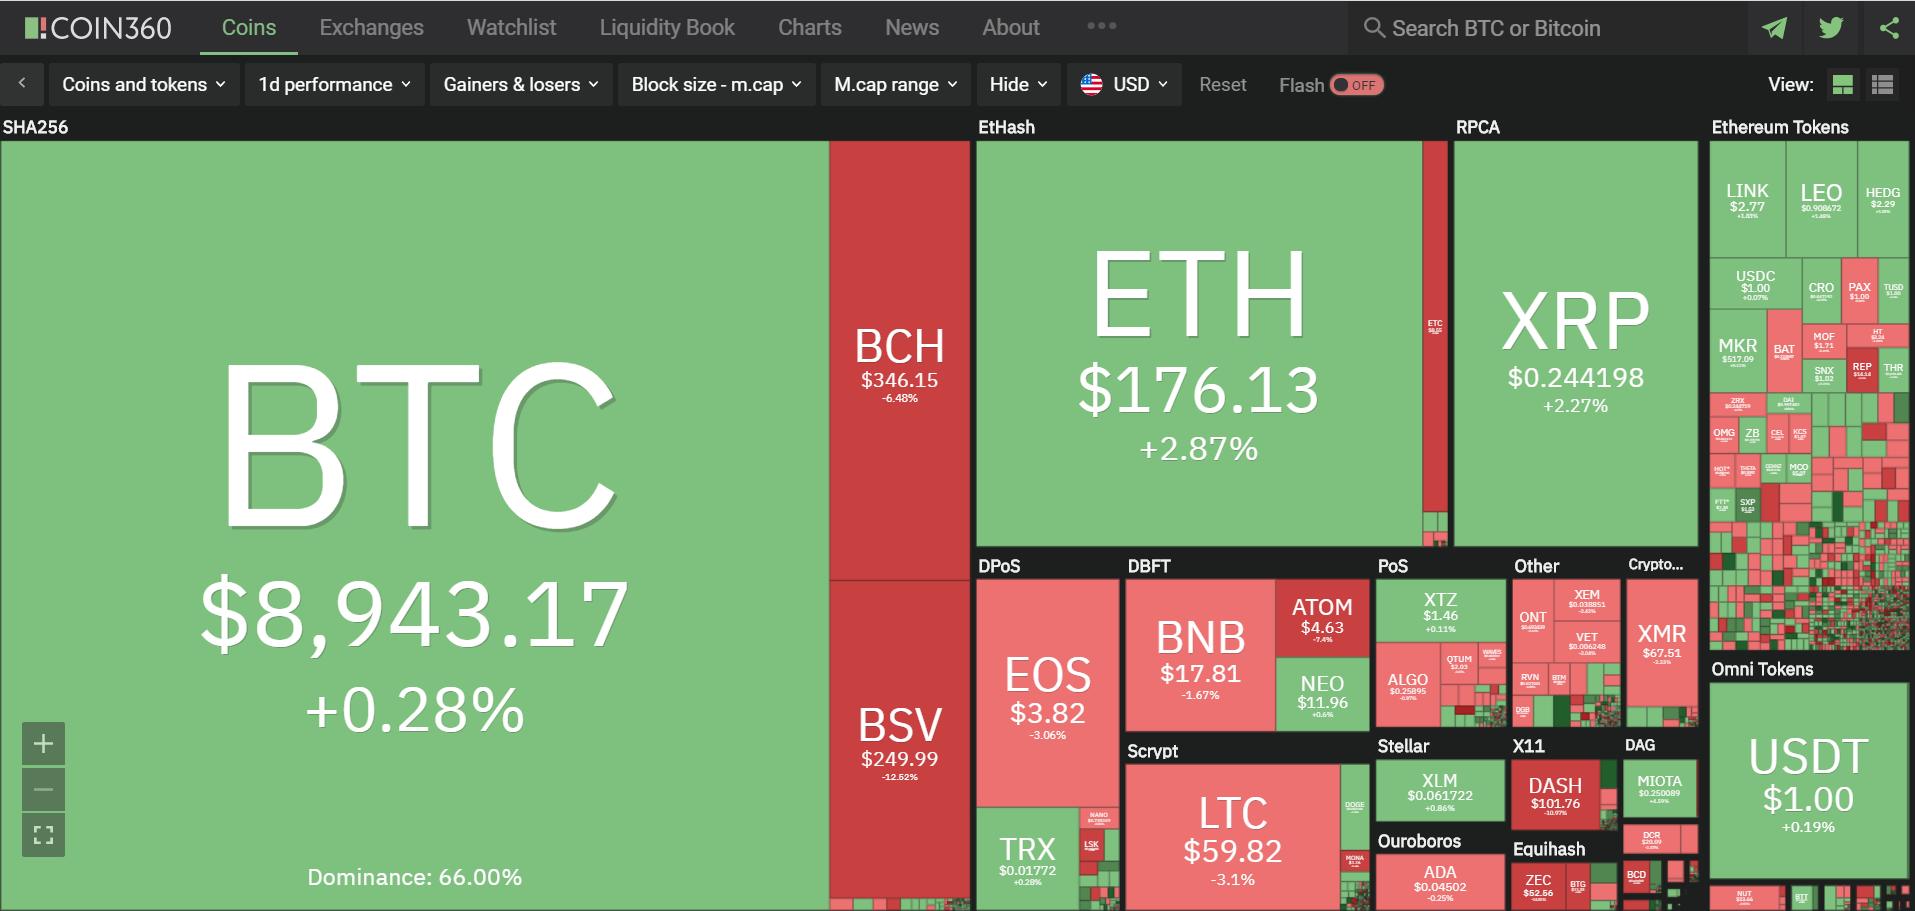 Toàn cảnh thị trường tiền kĩ thuật số hôm nay (19/1) (Nguồn: Coin360.com)